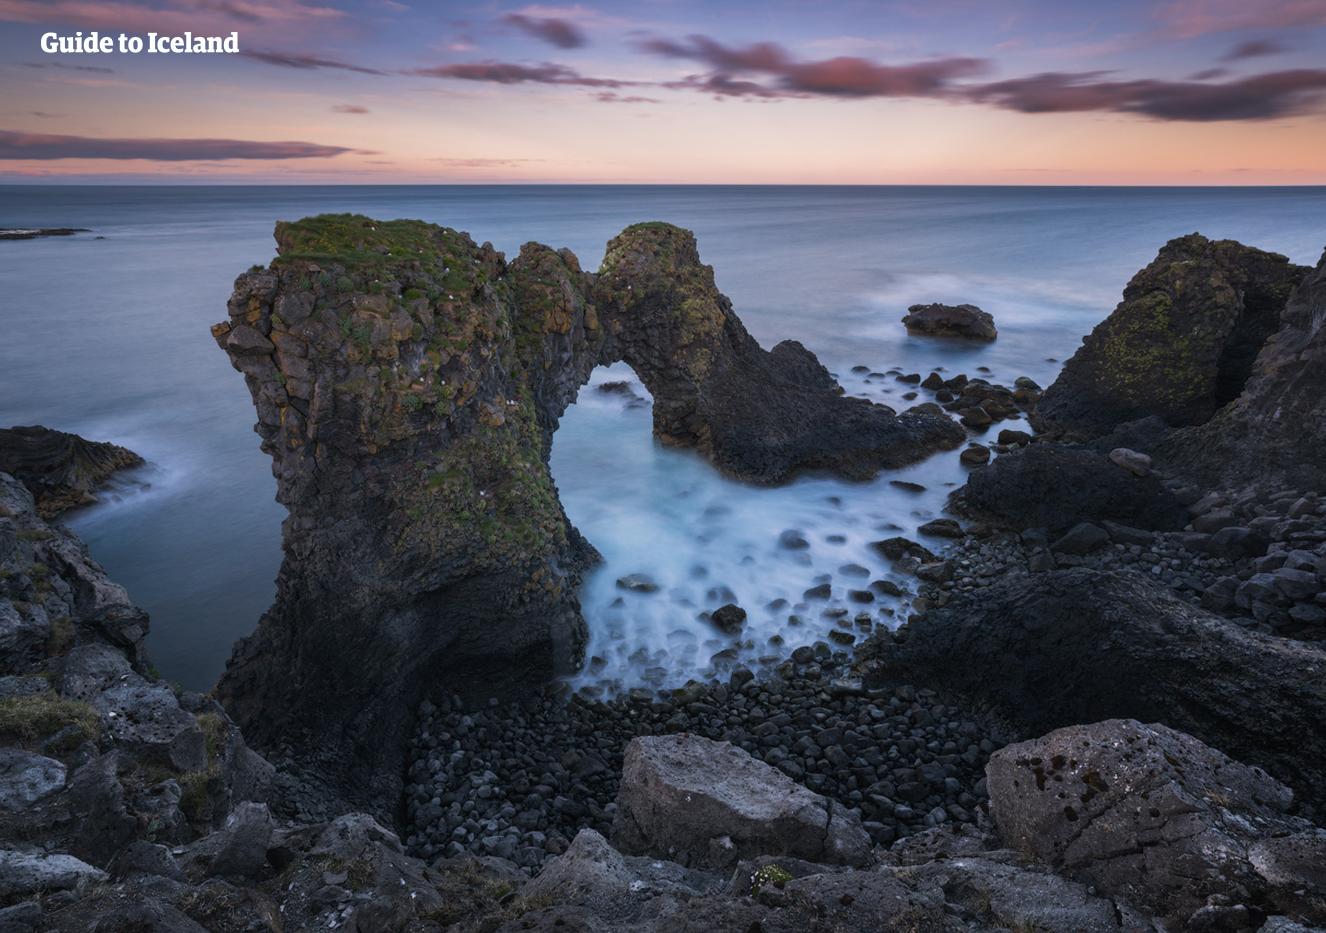 冰岛西部斯奈山半岛的海岸景色